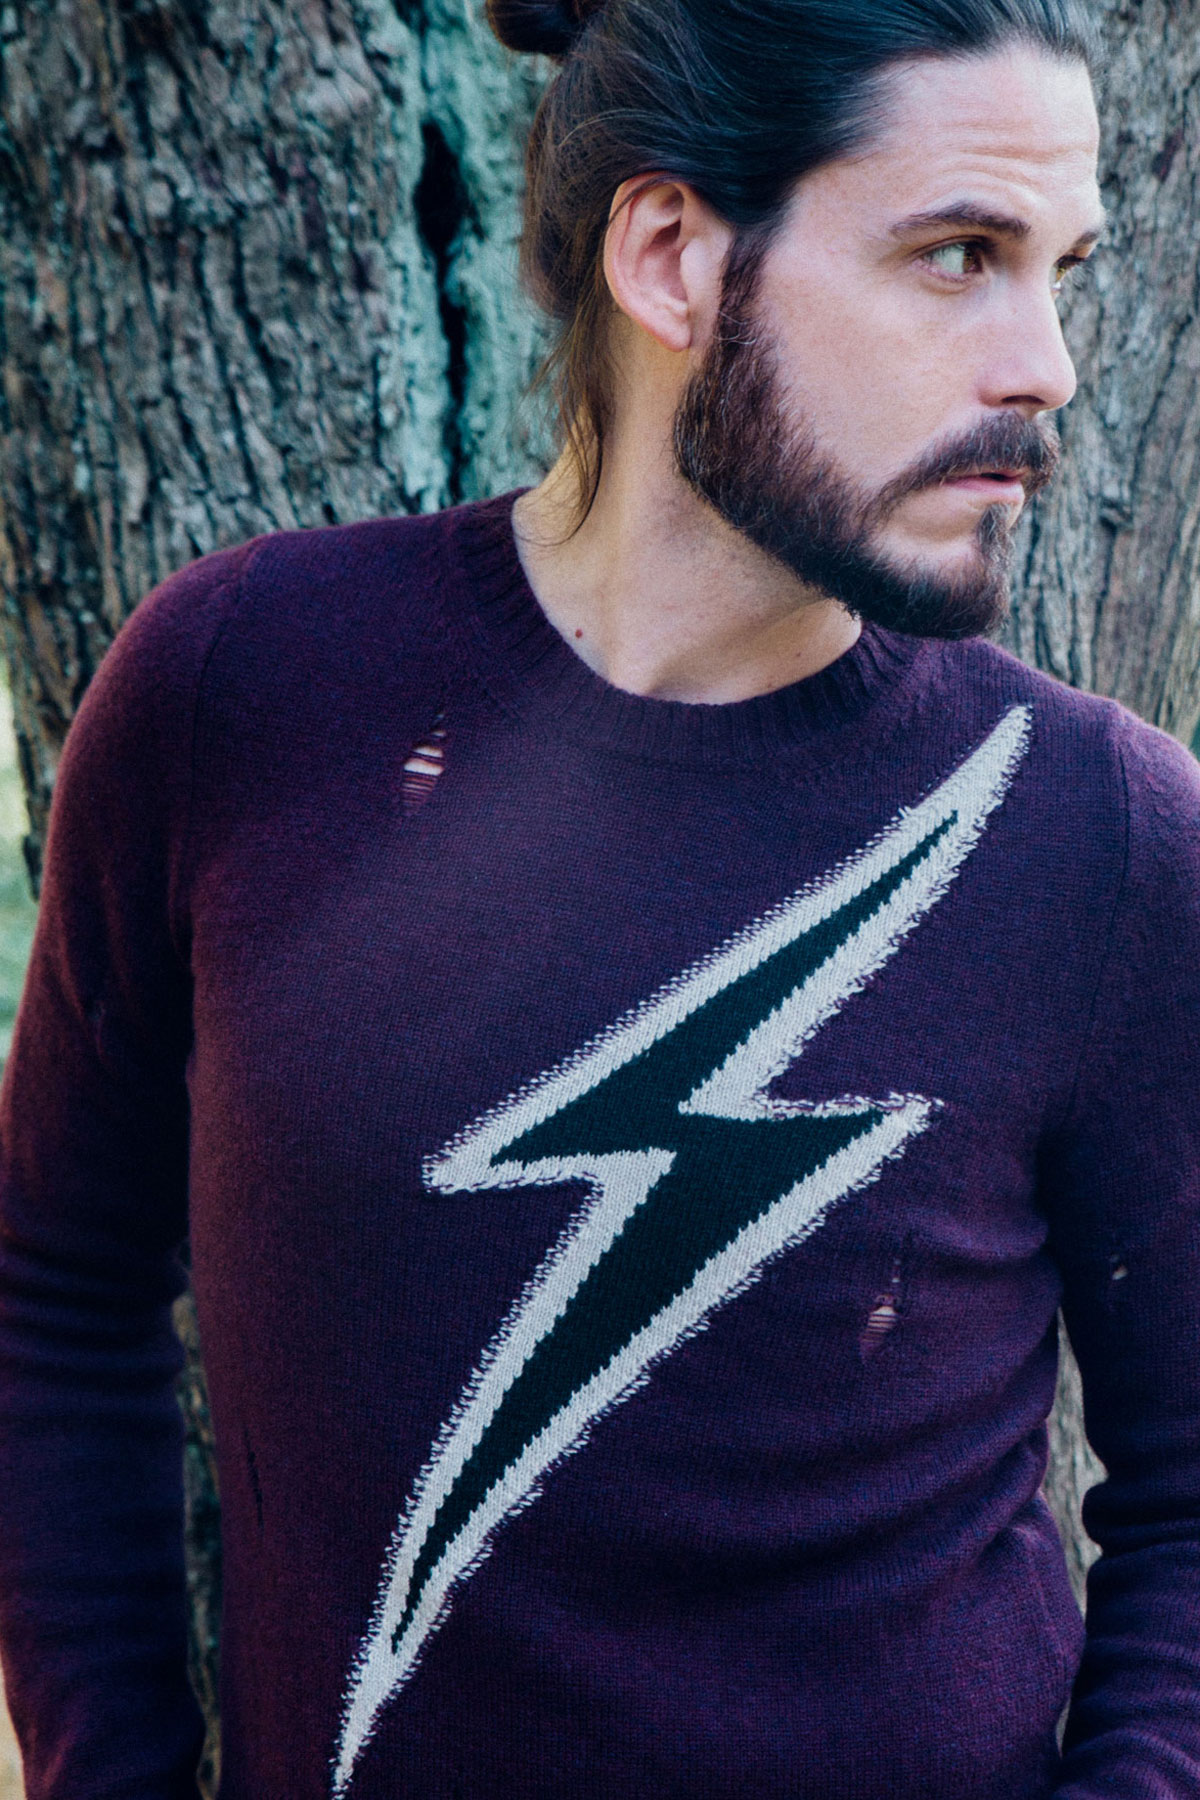 modeblog-kaisers-neue-kleider-maennermode-herbst-trend-violett-pullover-wollhose-chelsea-boots